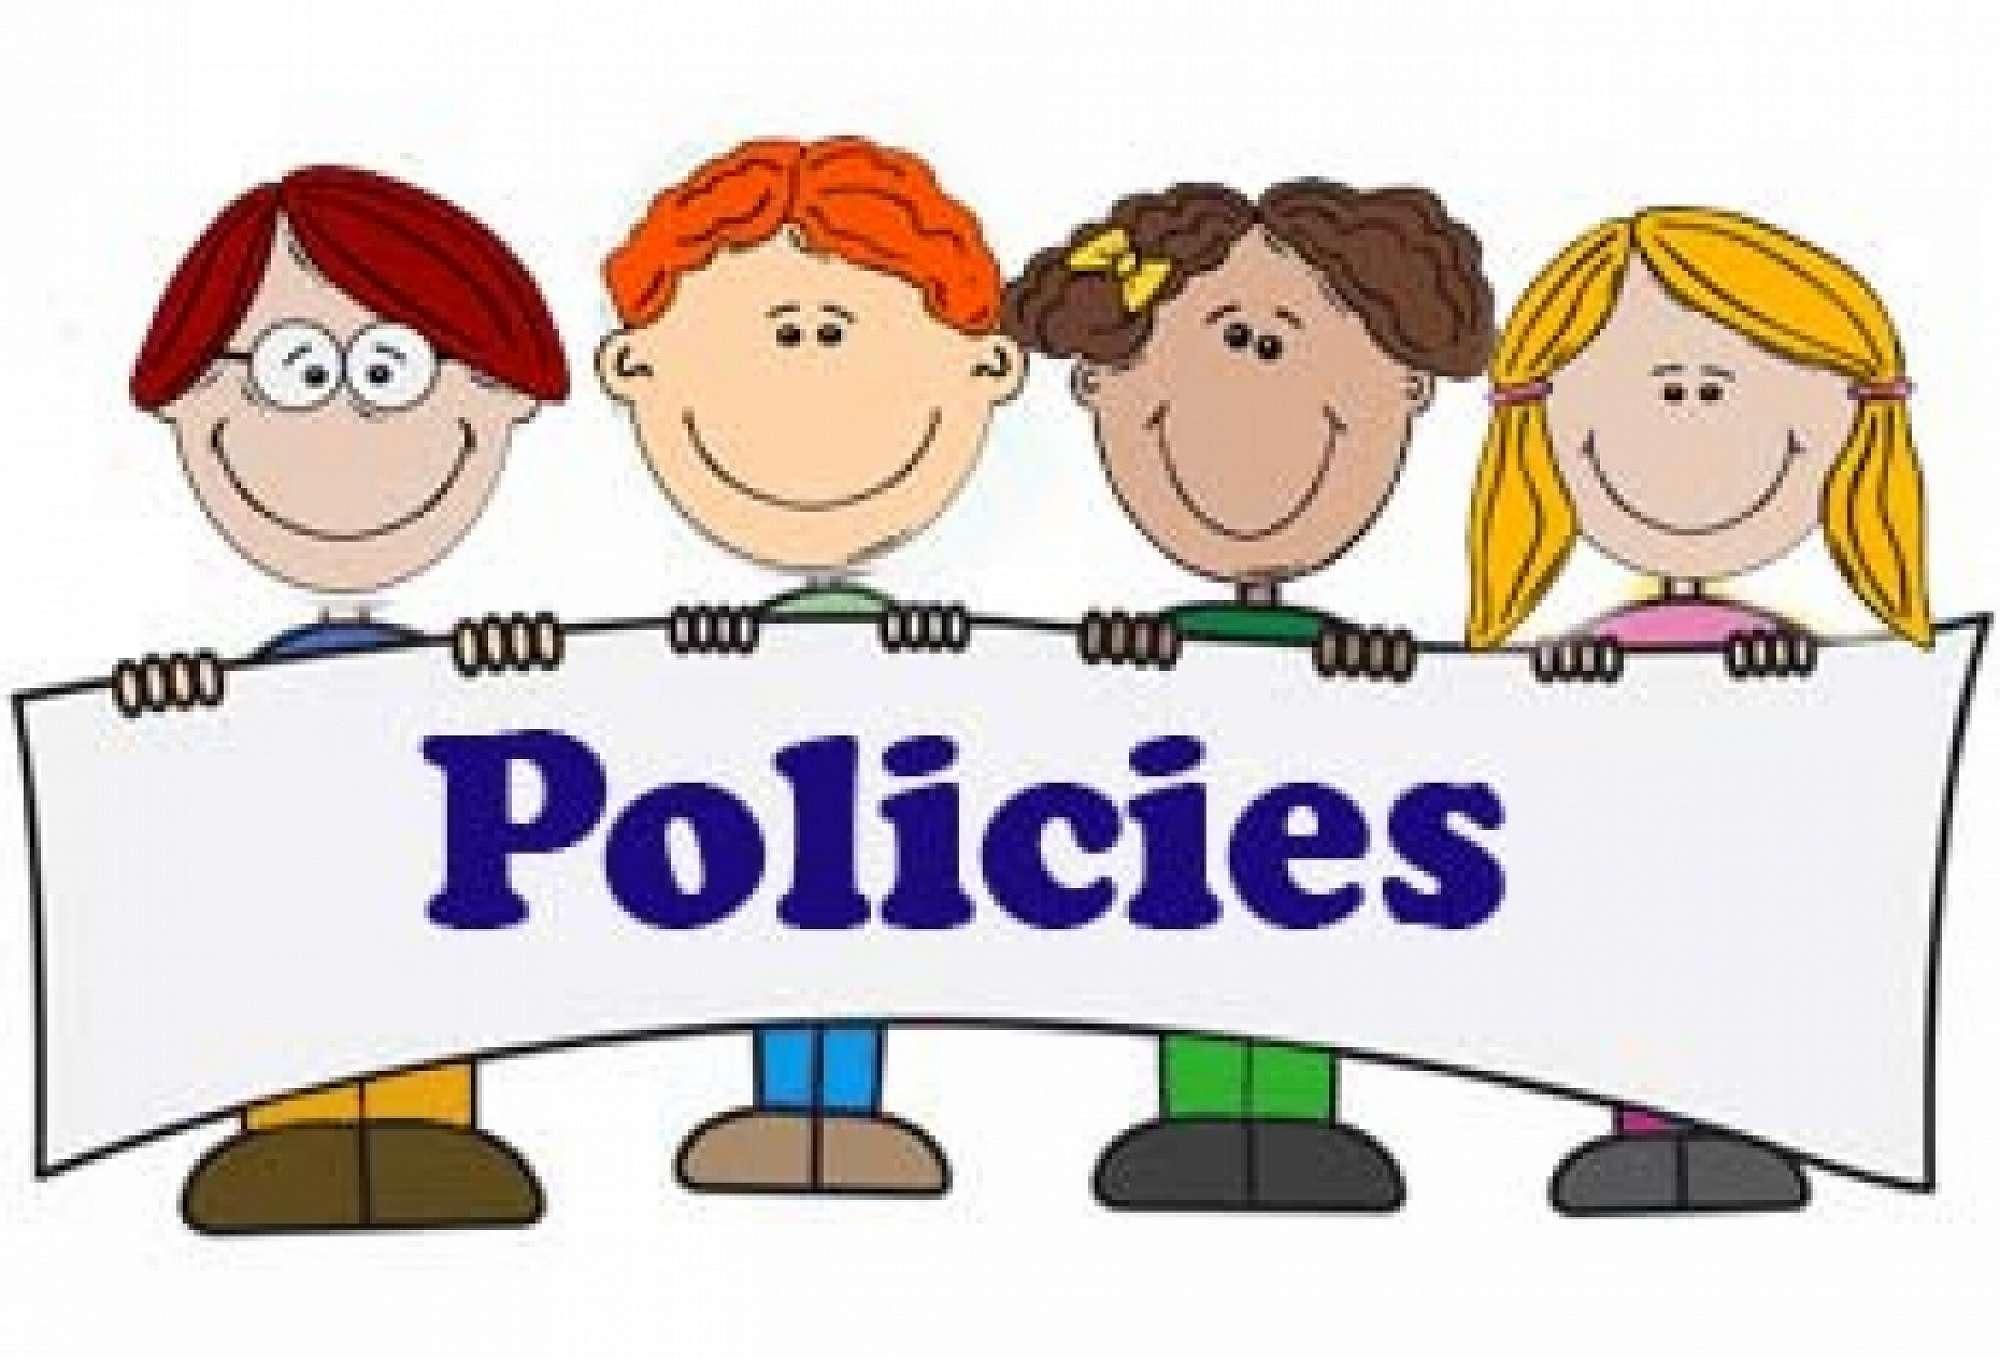 Policies and procedures.